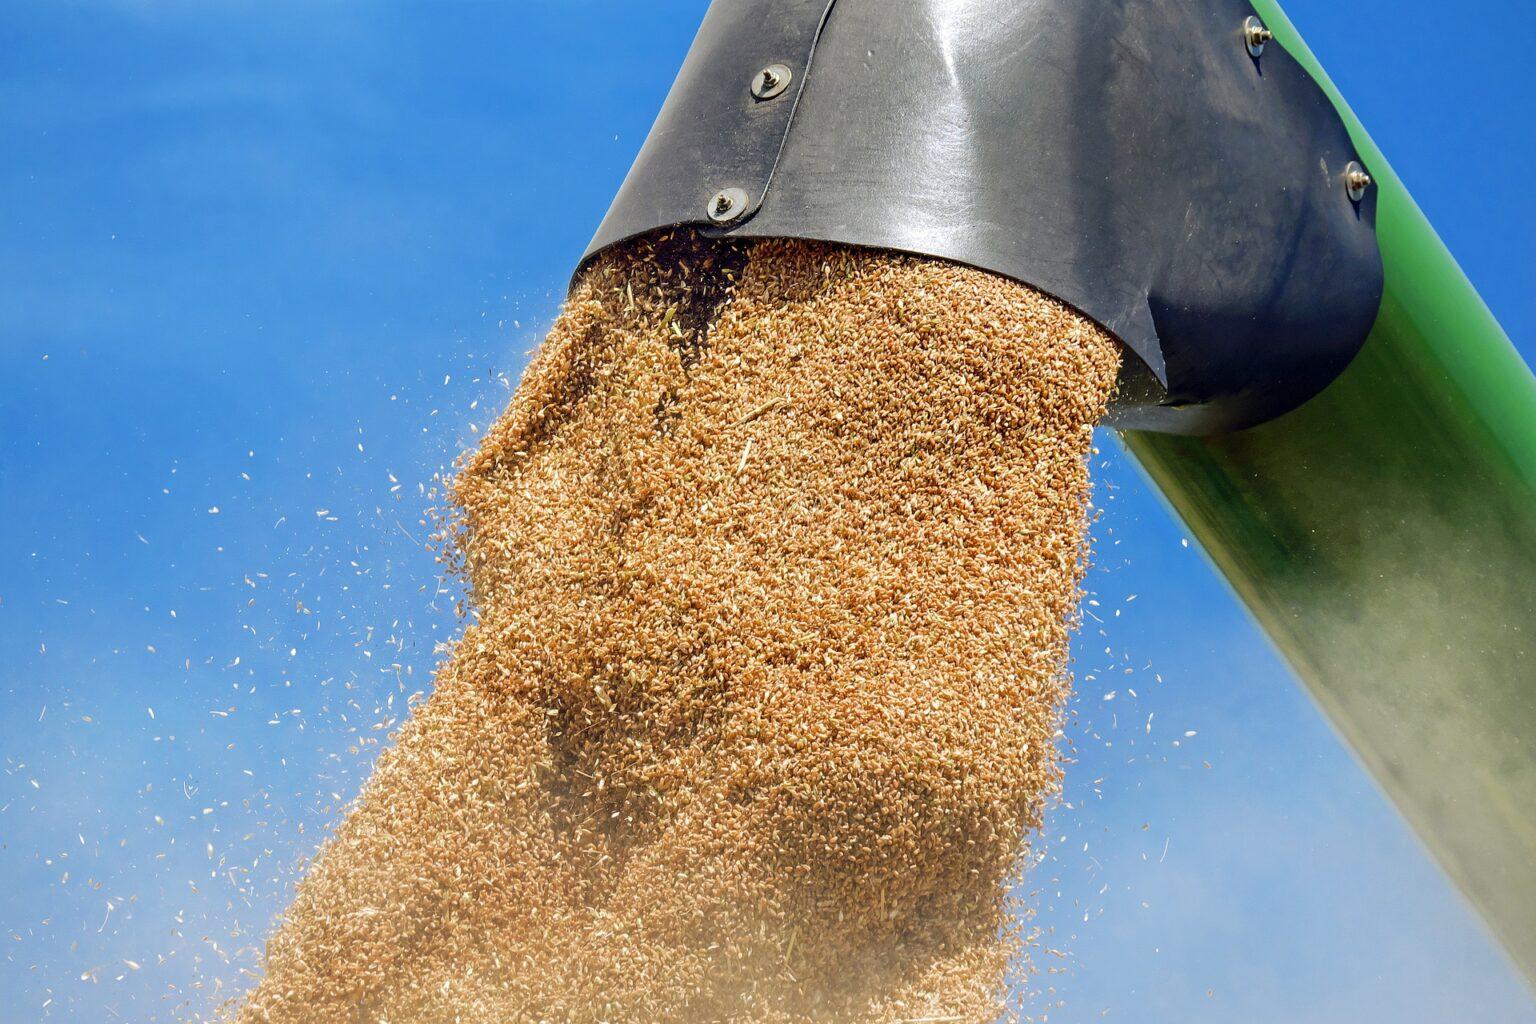 зараження хкідниками хлібних запасів, як виявити зараження складів шкідниками